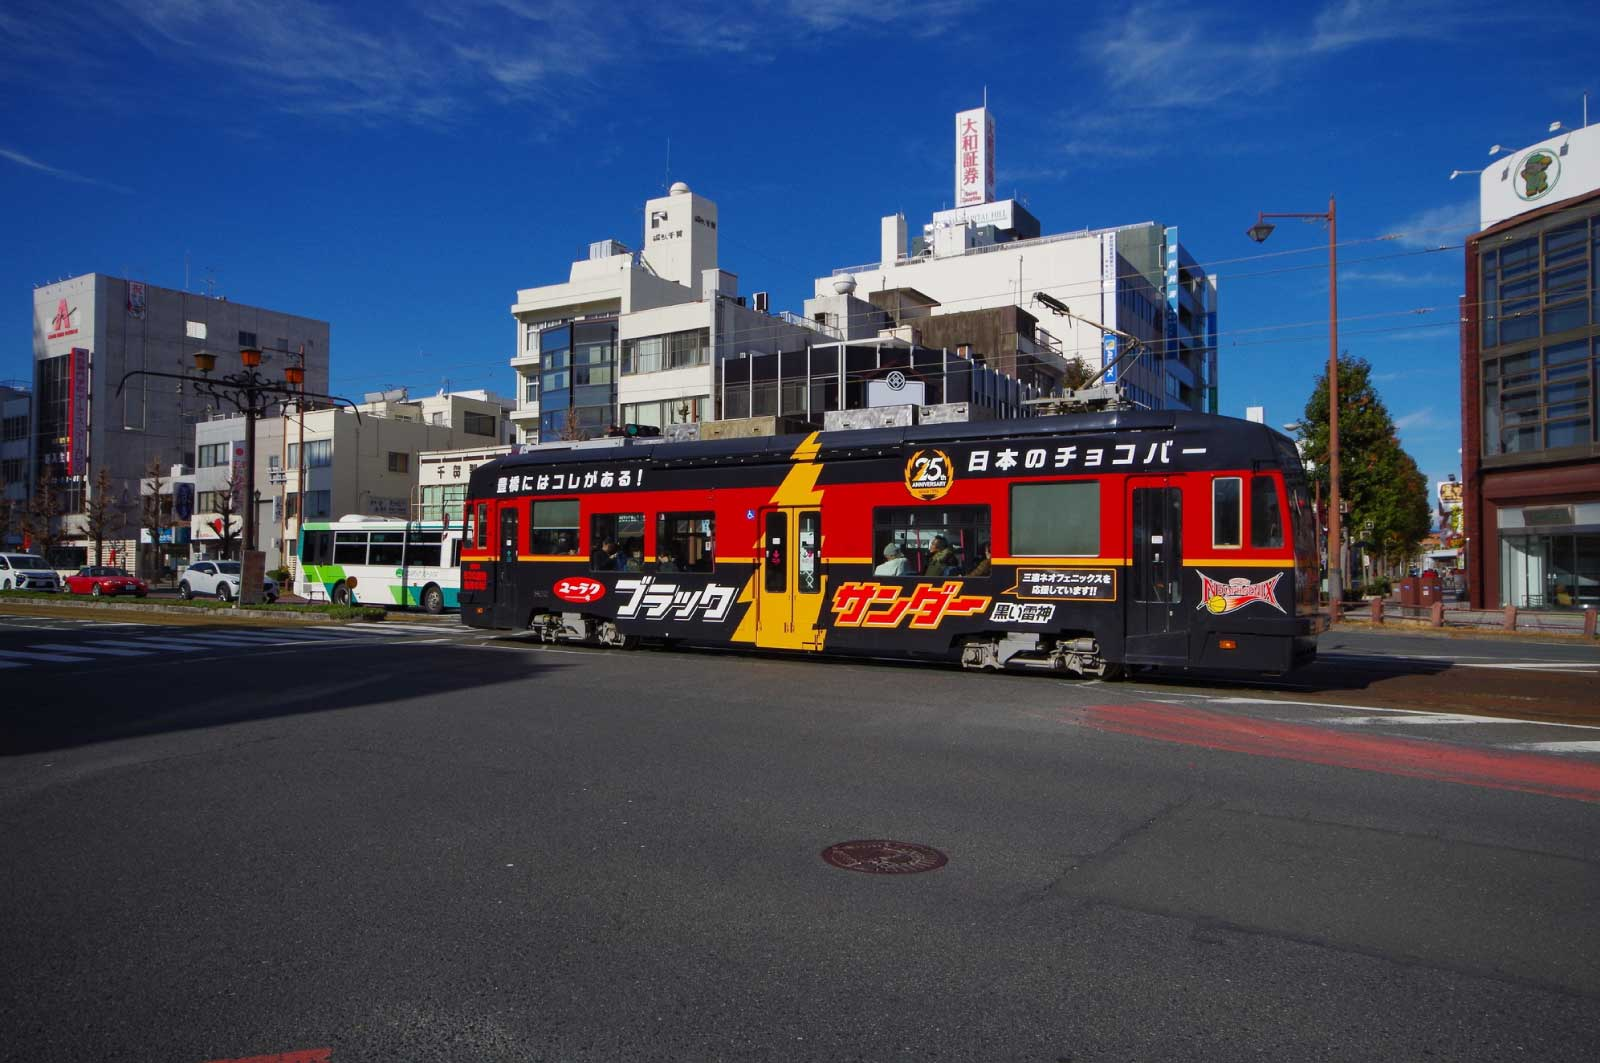 日本の電車はかつては路面電車が中心